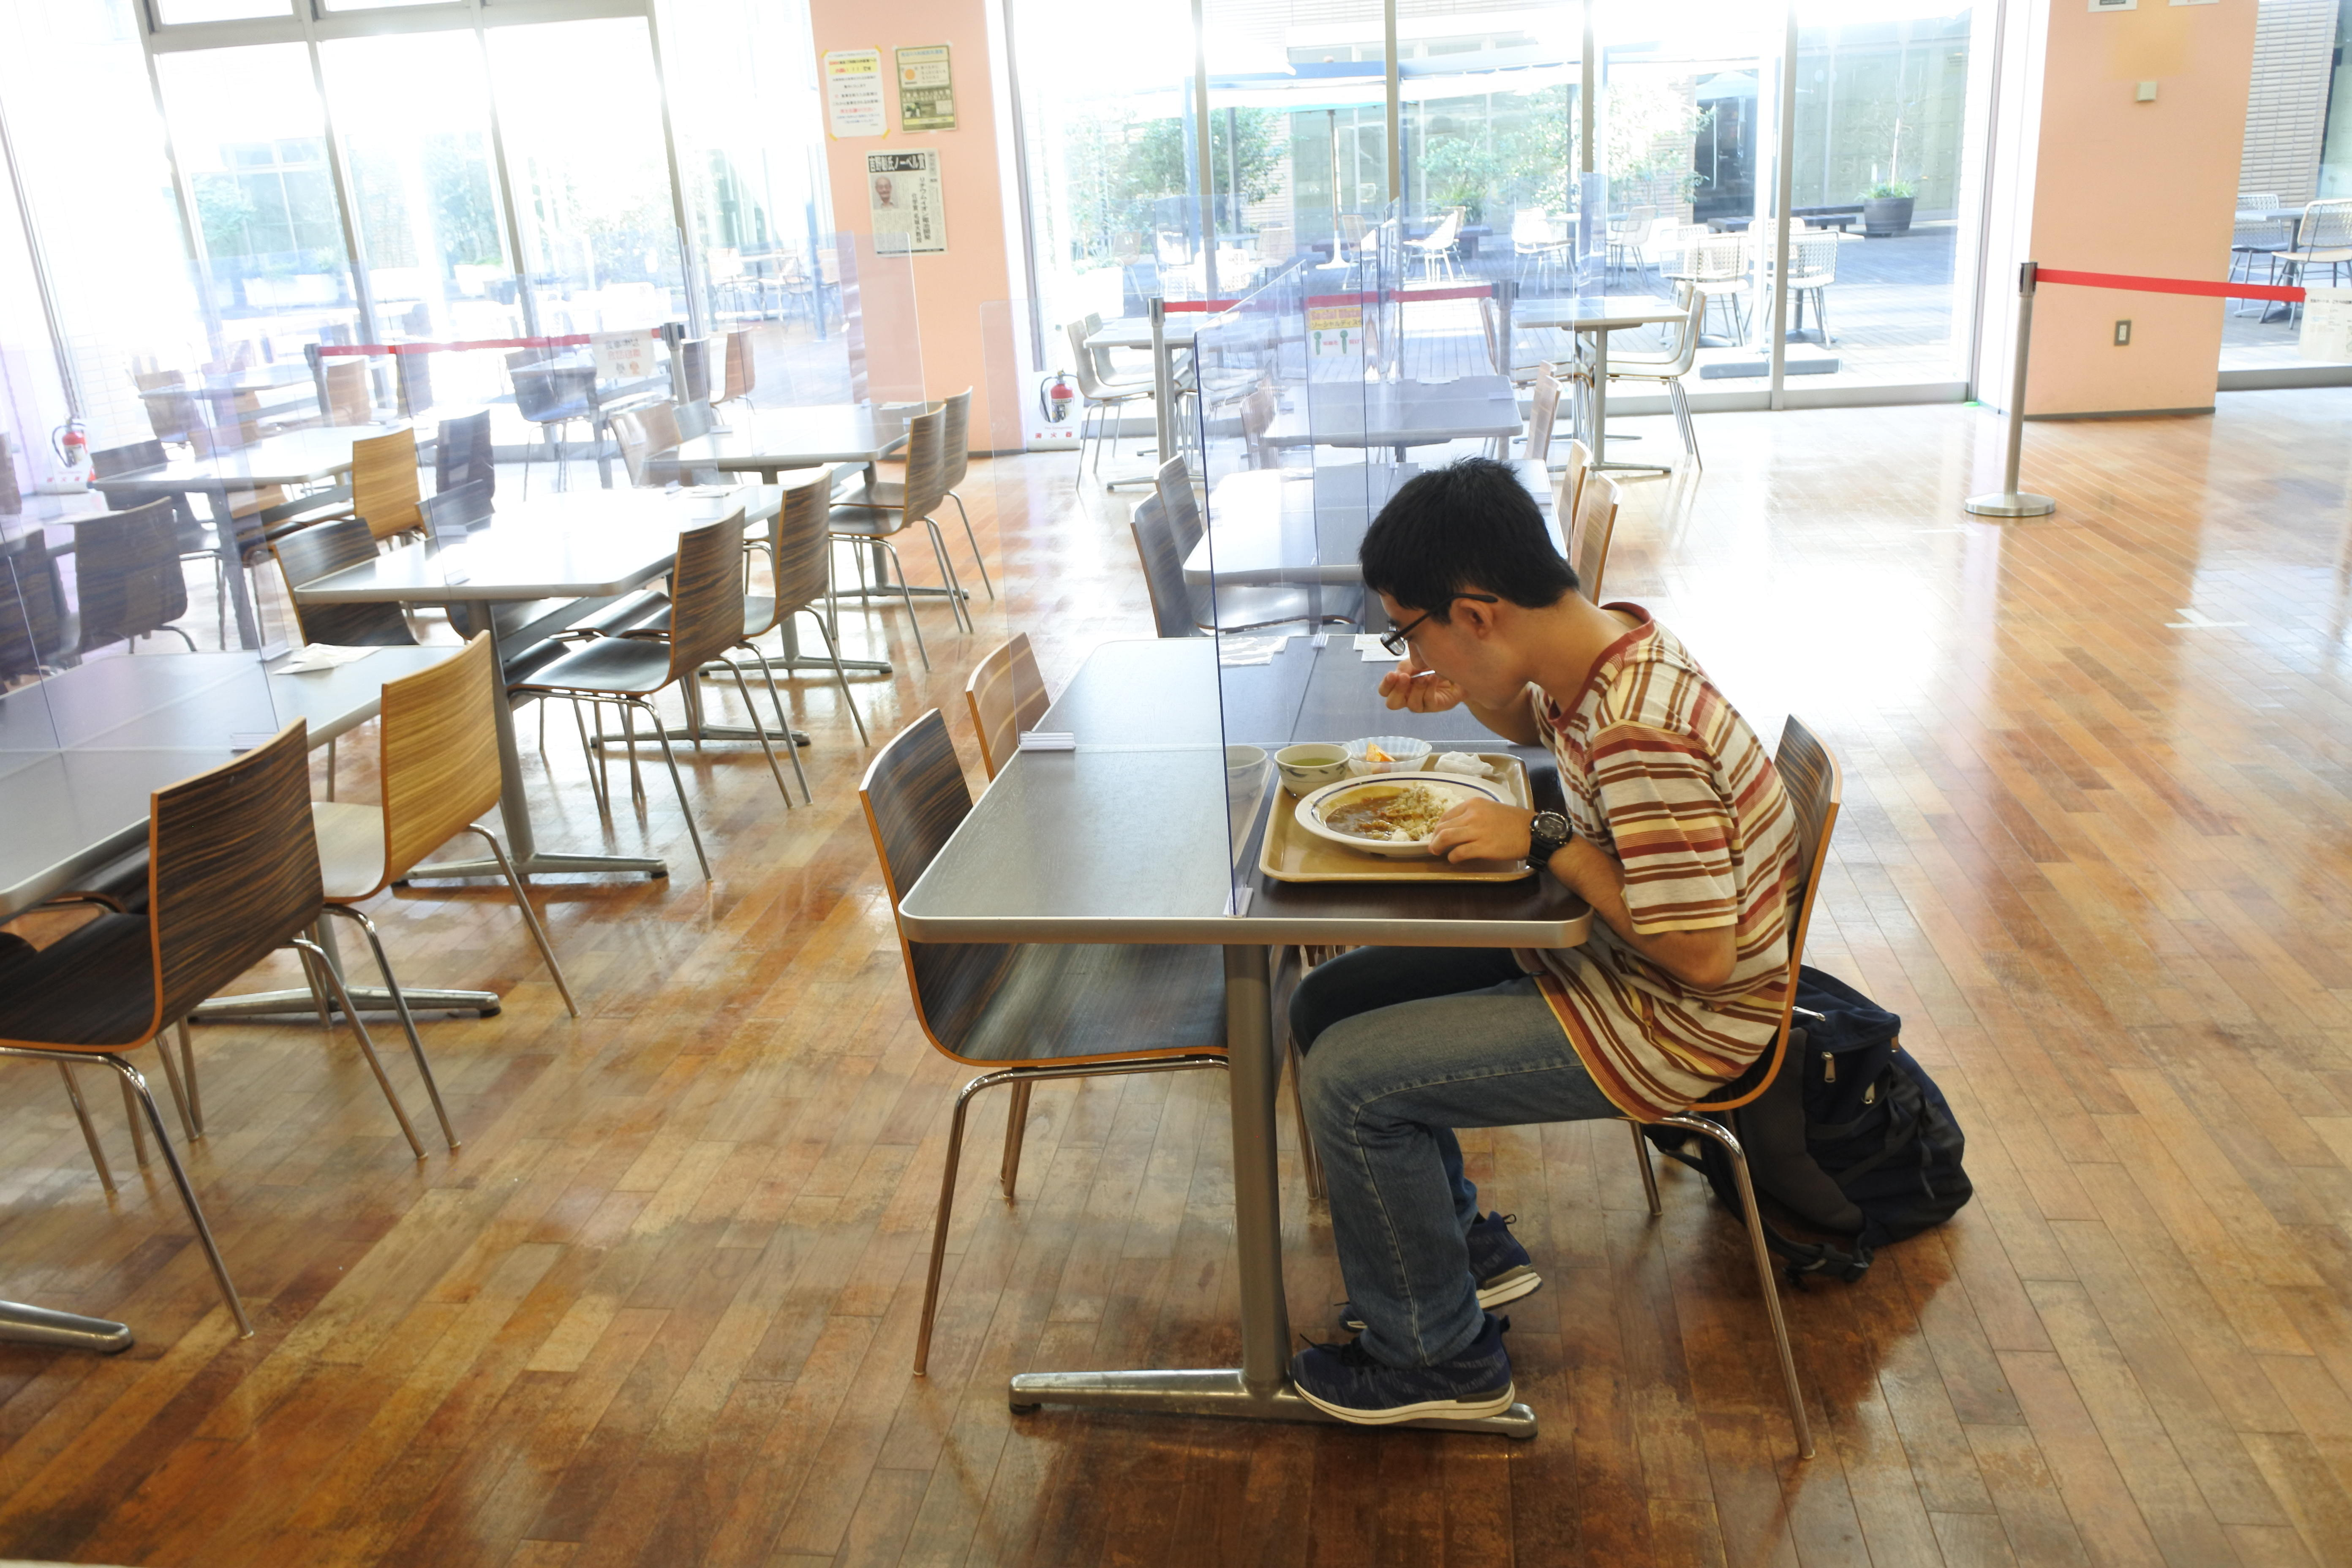 名城食堂で「100円朝食」を食べる学生